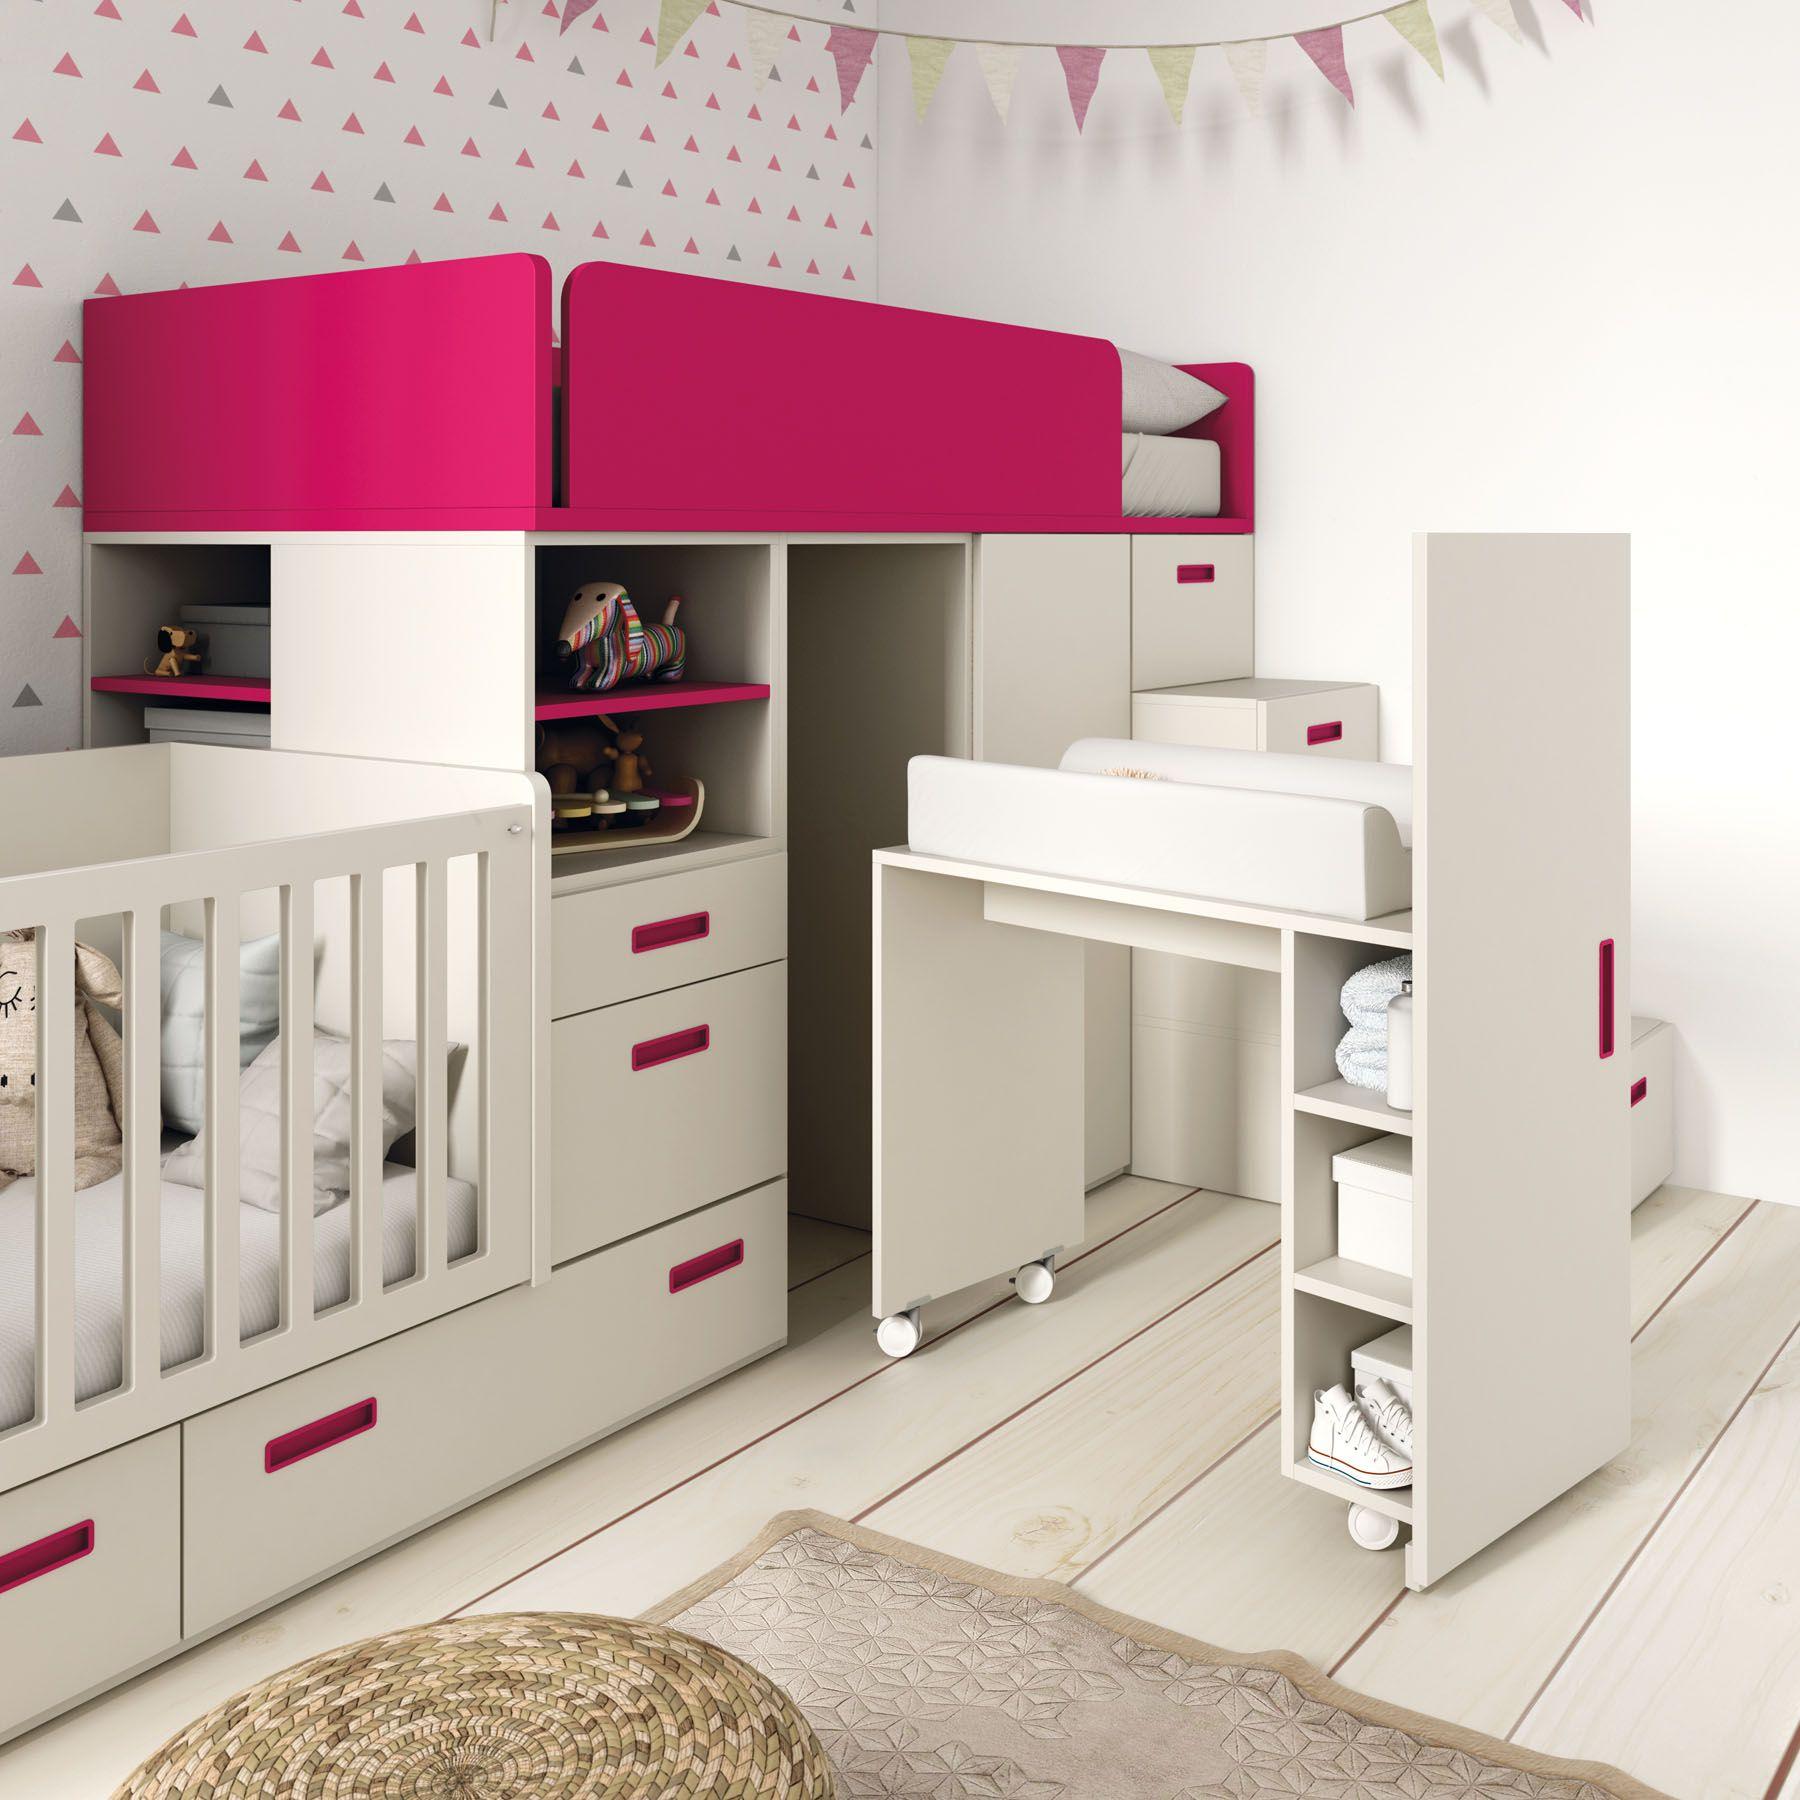 Camas Tren Y Blocs Qb By Tegarmobel Dormitorio Secundario 2 0  # Muebles Tegarmobel